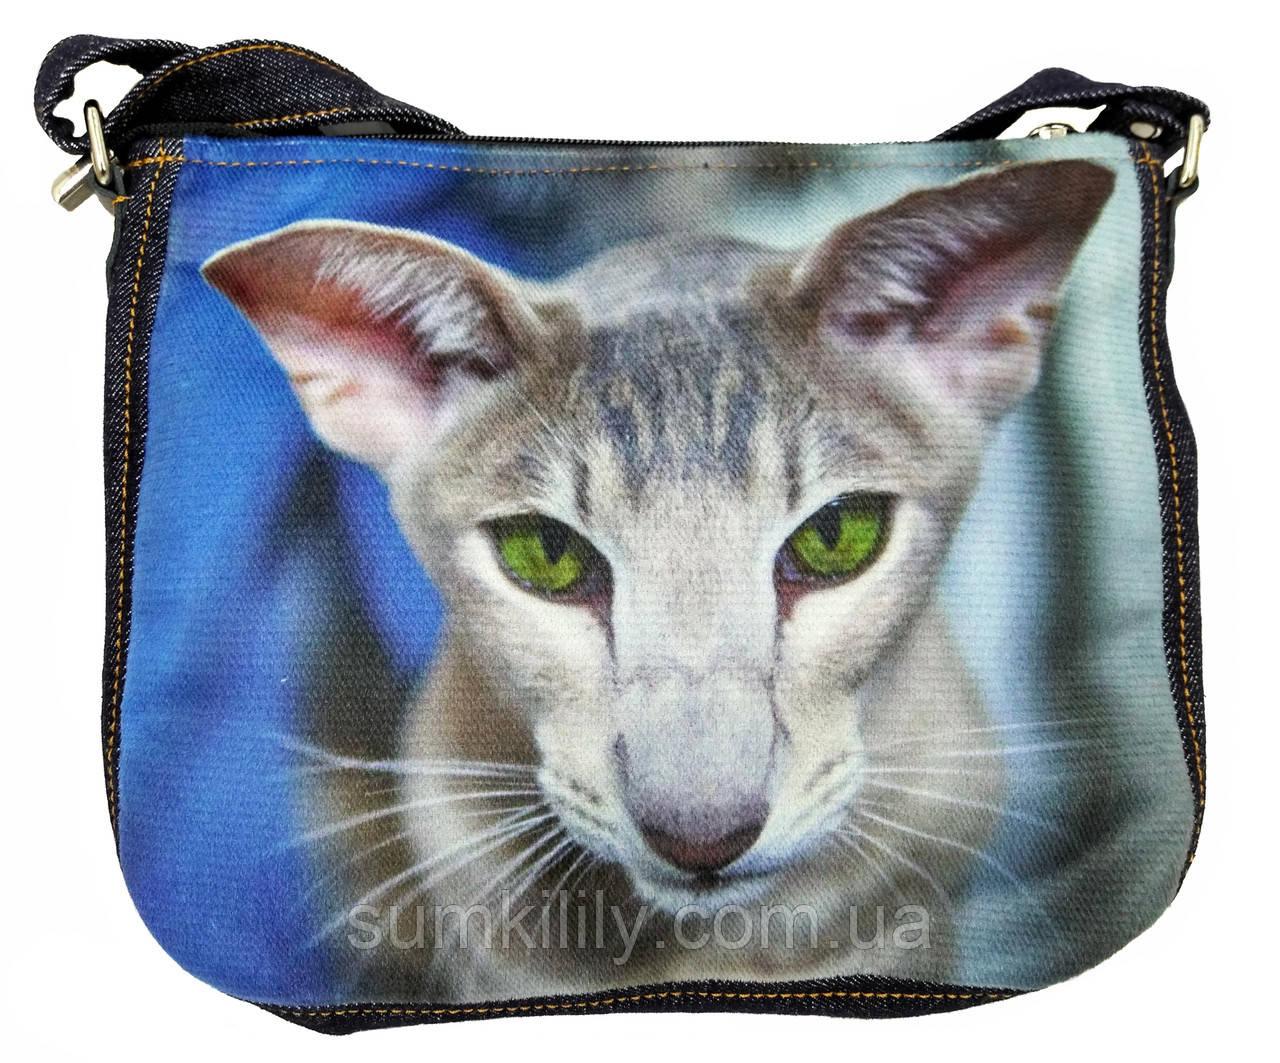 Джинсова сумка з котом Орієнтал